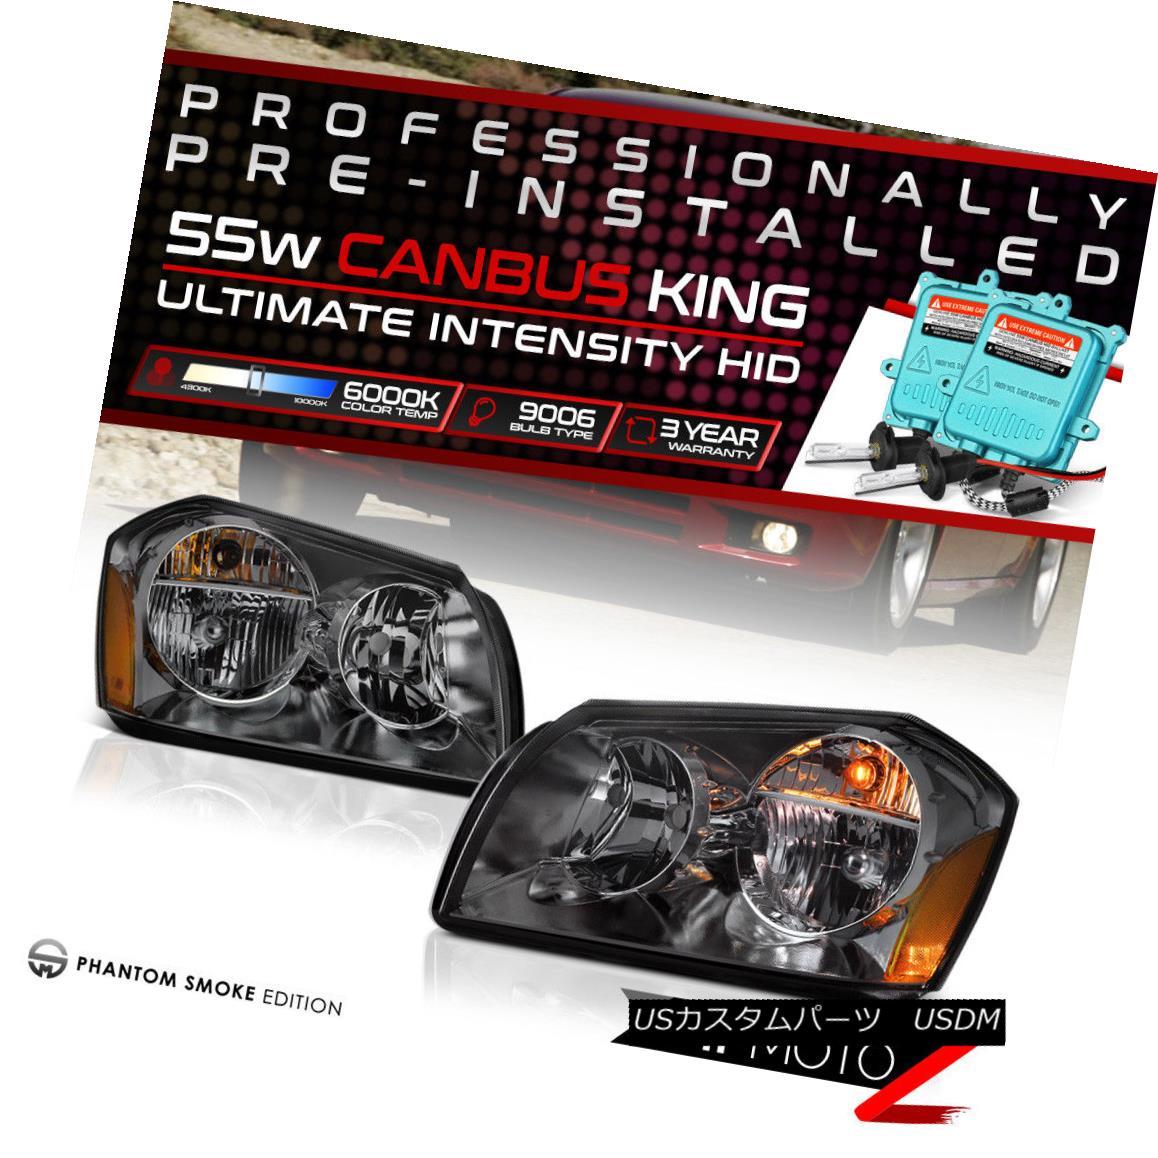 ヘッドライト !55W HID Built-In! 05-07 Dodge Magnum Smoked Replacement Headlight Lamp Assembly !55W HID内蔵! 05-07 Dodge Magnumスモーク交換ヘッドライトランプアセンブリ